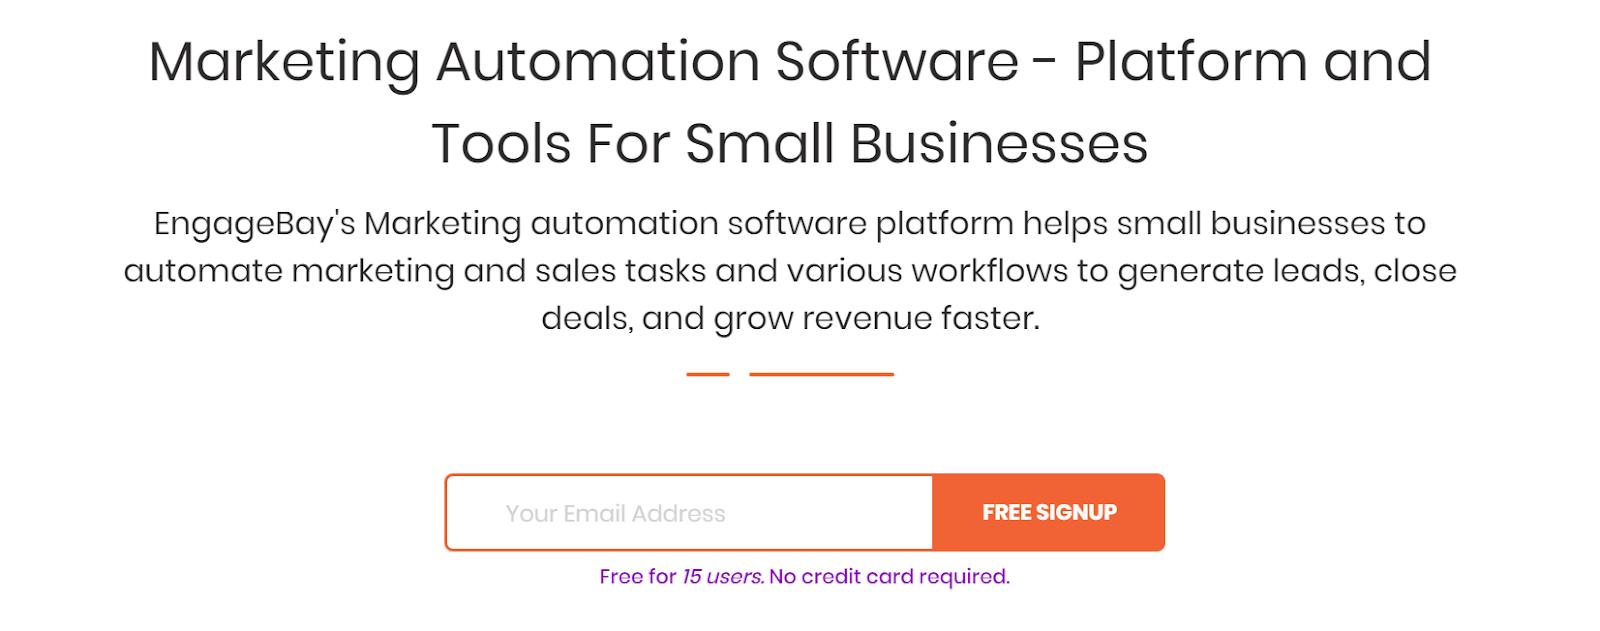 EngageBay Marketing Automation Software